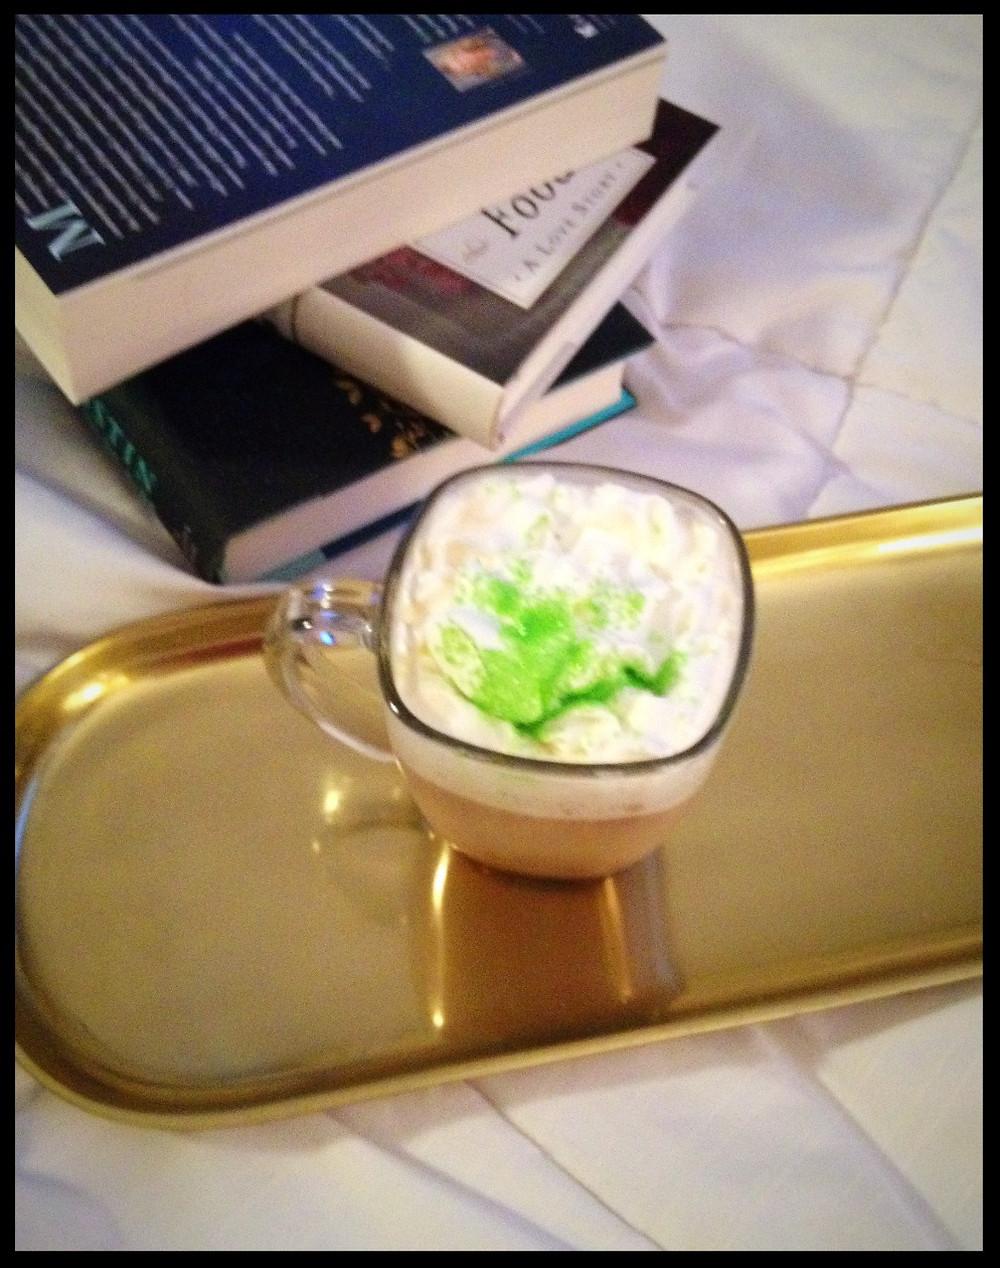 Irish coffee and books